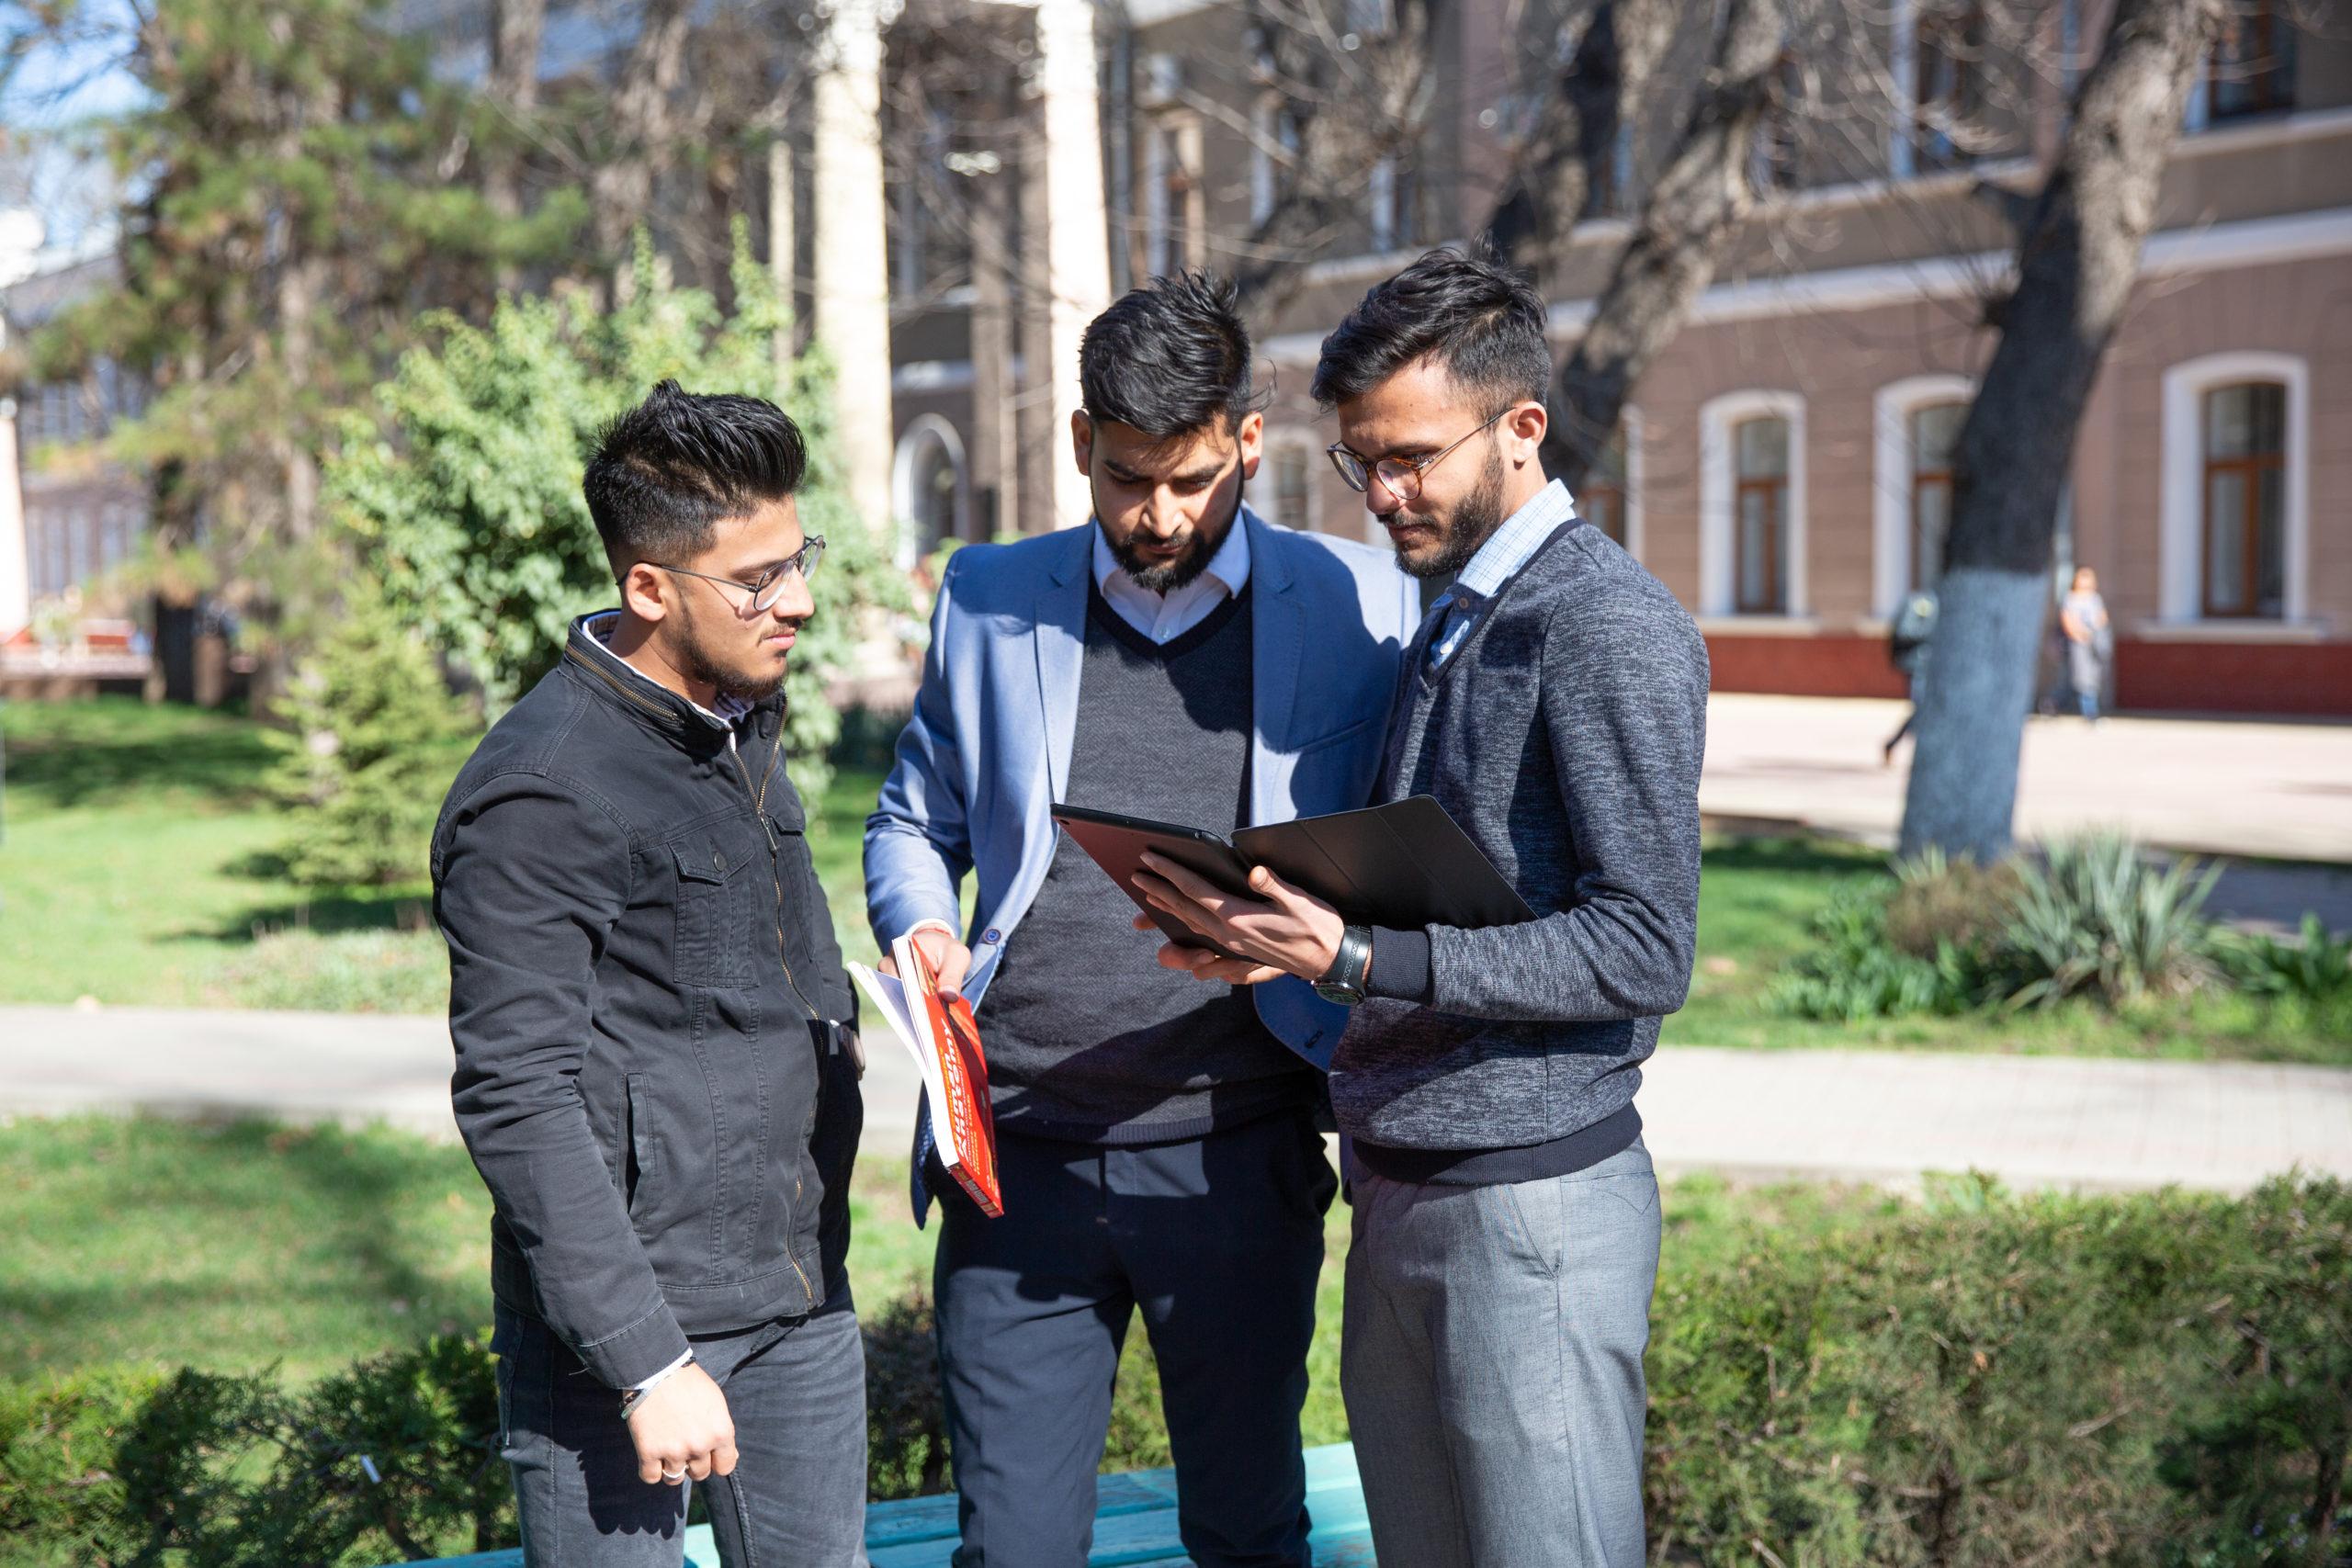 Первый иностранный студент вернулся на учёбу в Крым после дистанционного обучения